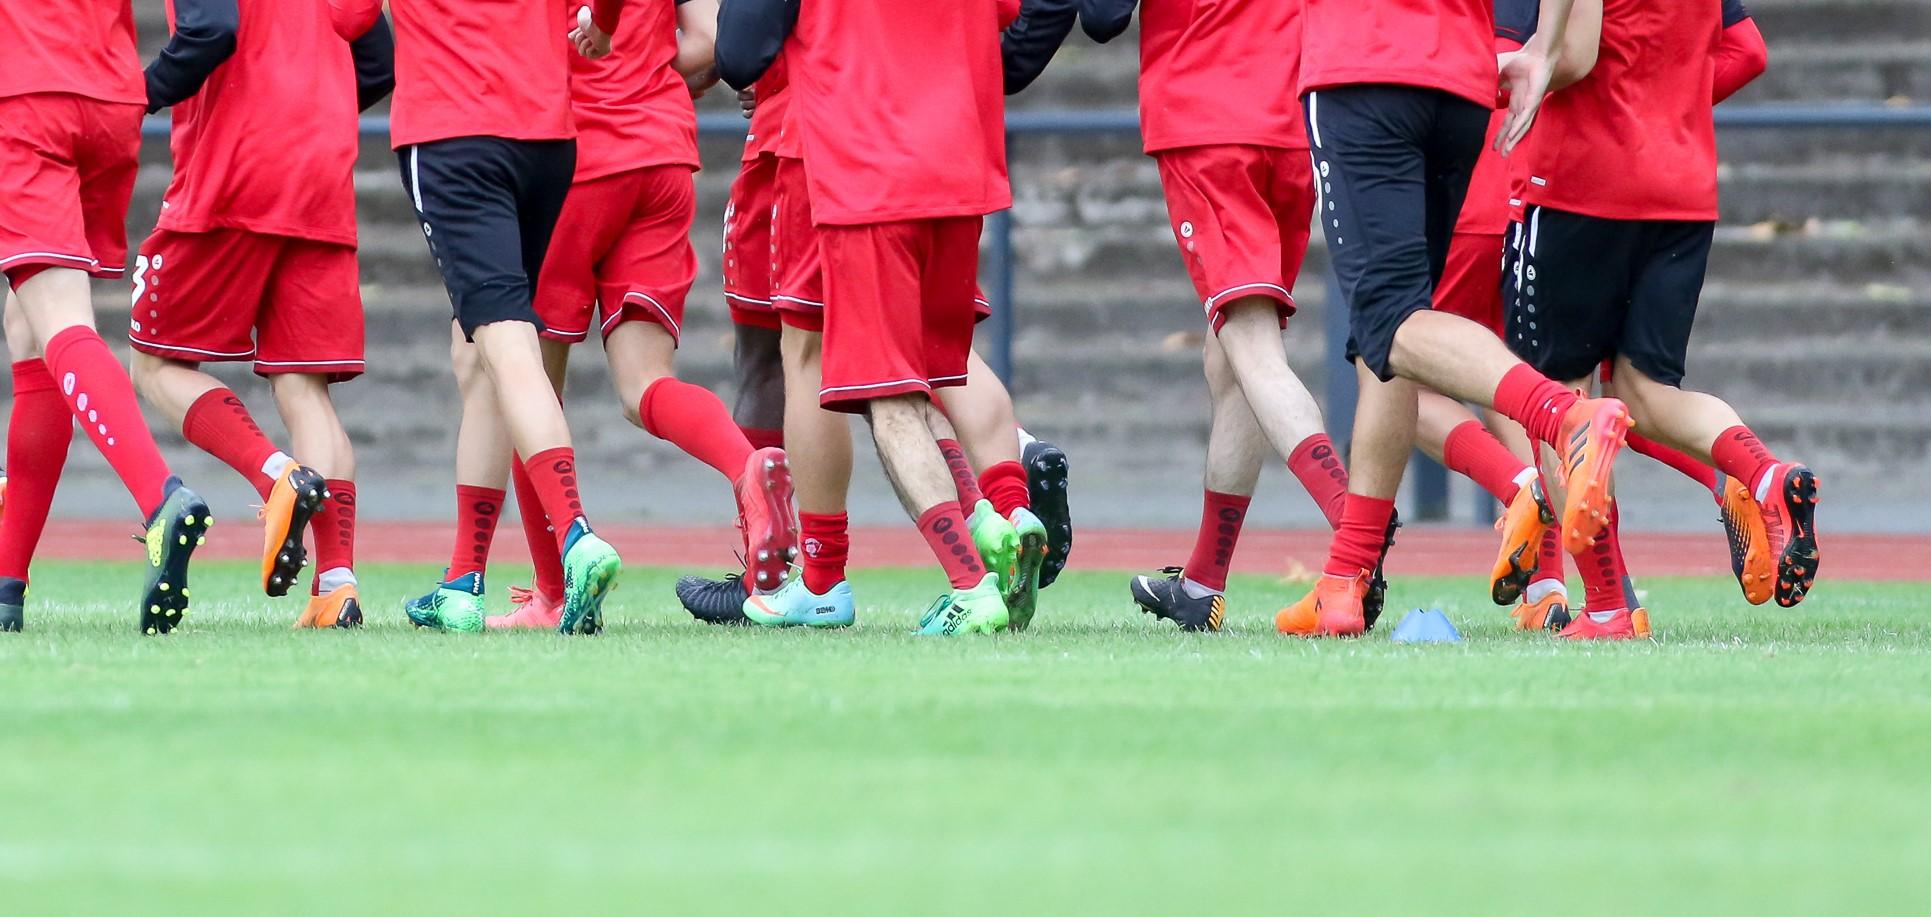 Ab dem 17. Juni machen sich die Rot-Weissen fit für den Ligastart. (Foto: Endberg)